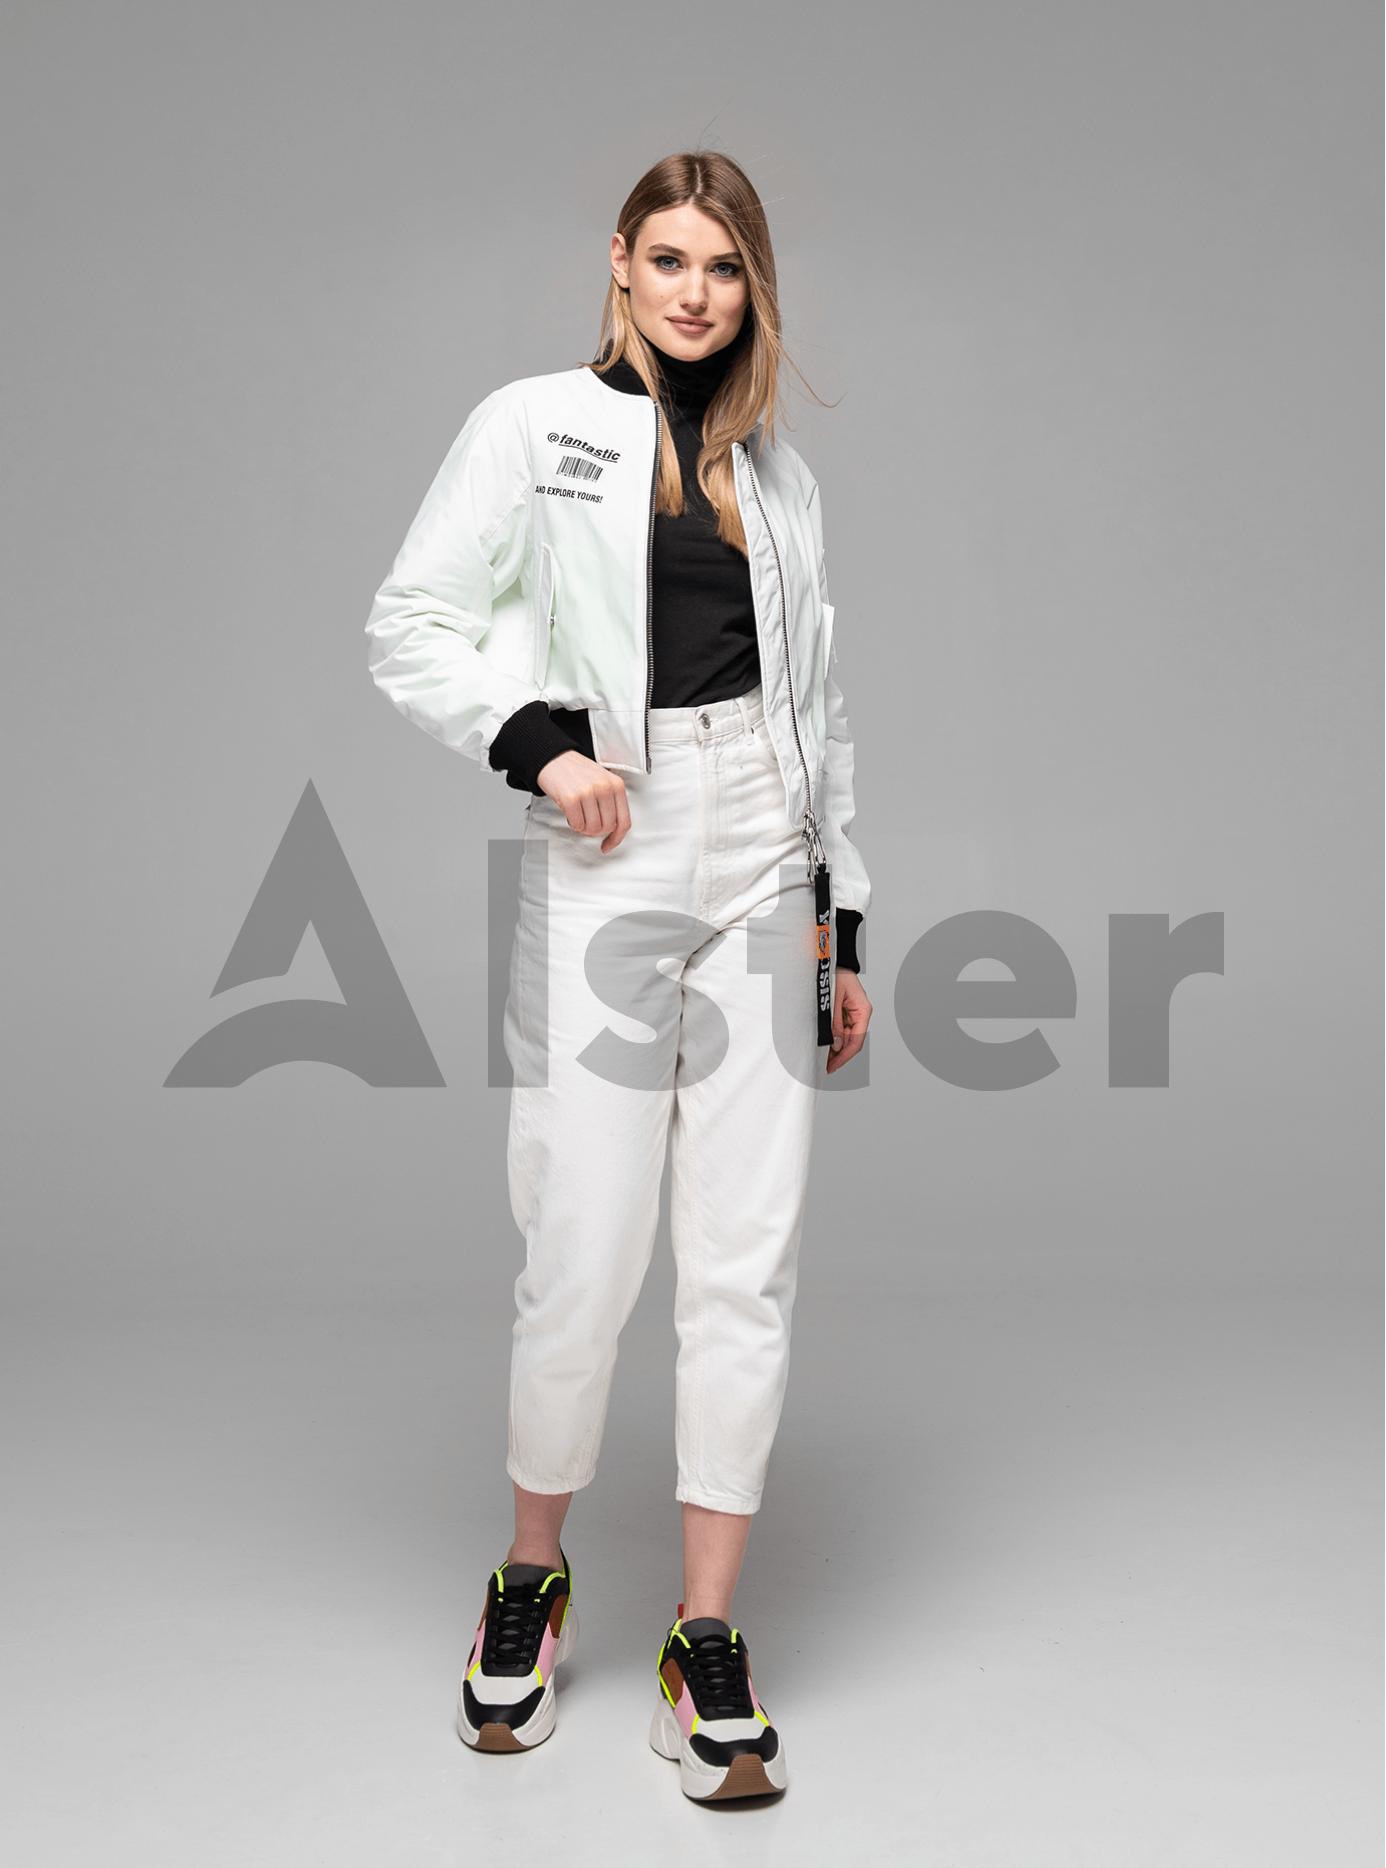 Куртка демисезонная с манжетами Белый M (02-Y191075): фото - Alster.ua